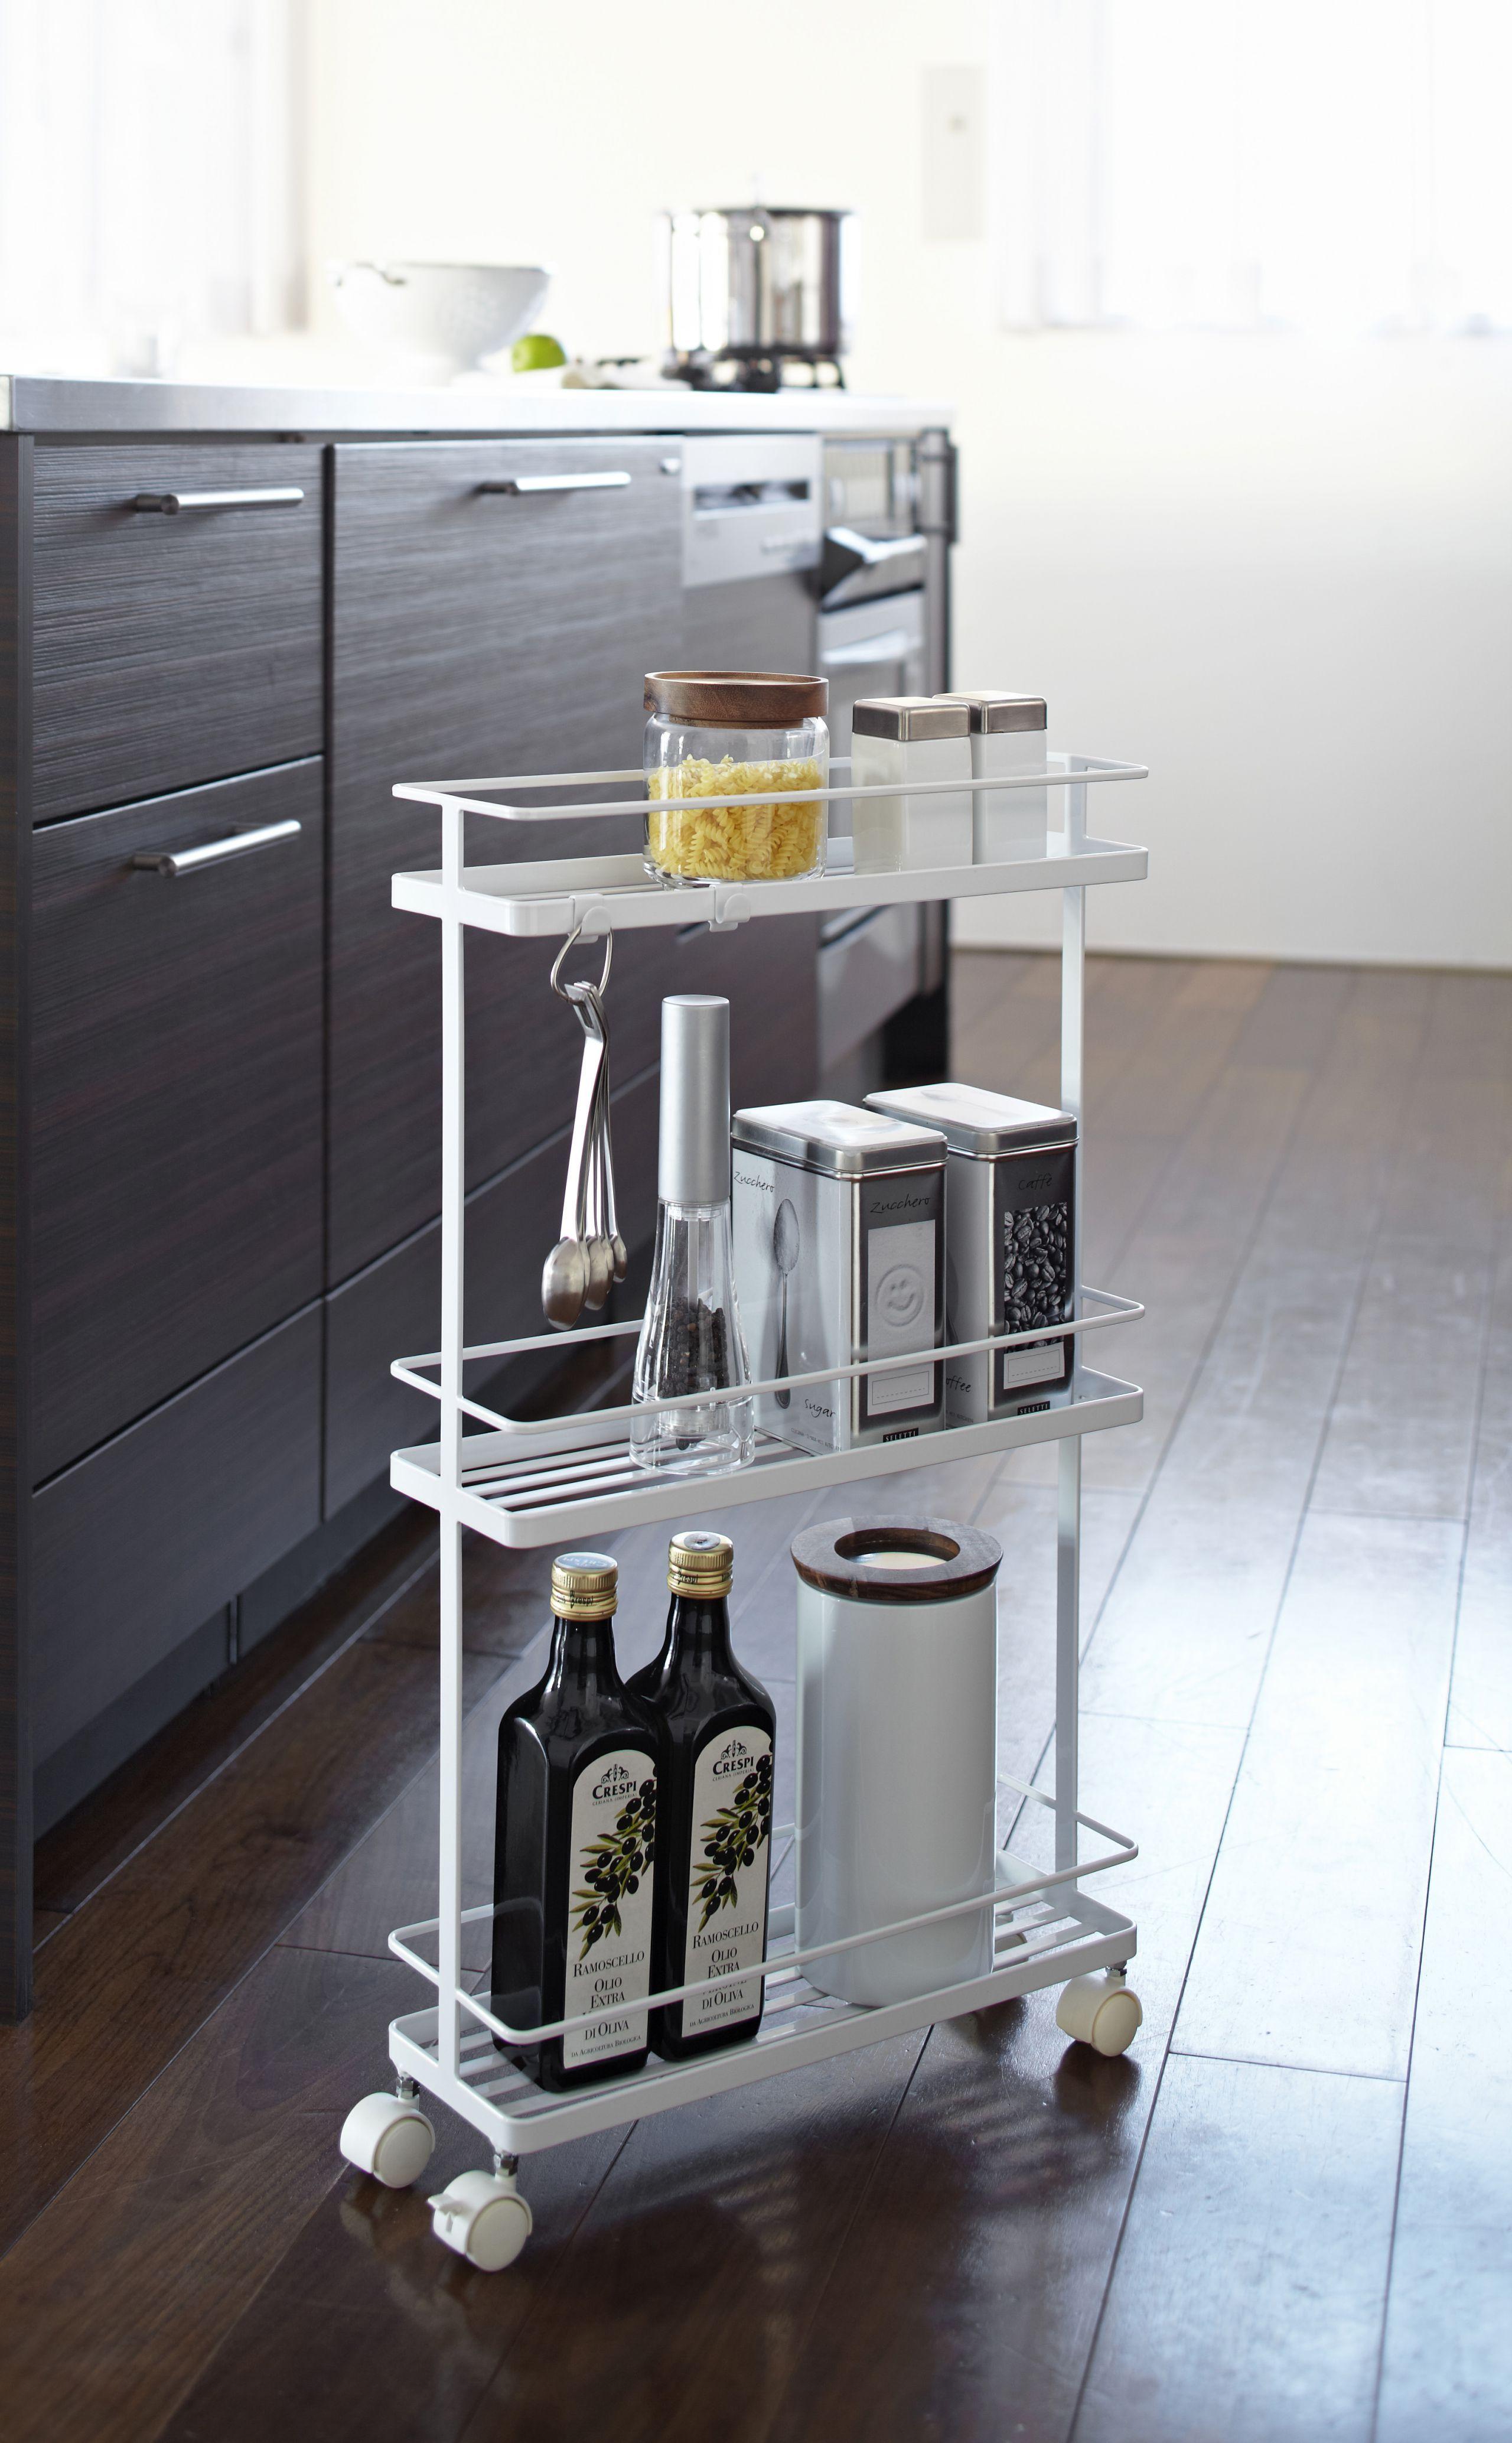 25 Small Kitchen Storage Ideas Slim Kitchen Storage Small Kitchen Storage Small House Kitchen Ideas